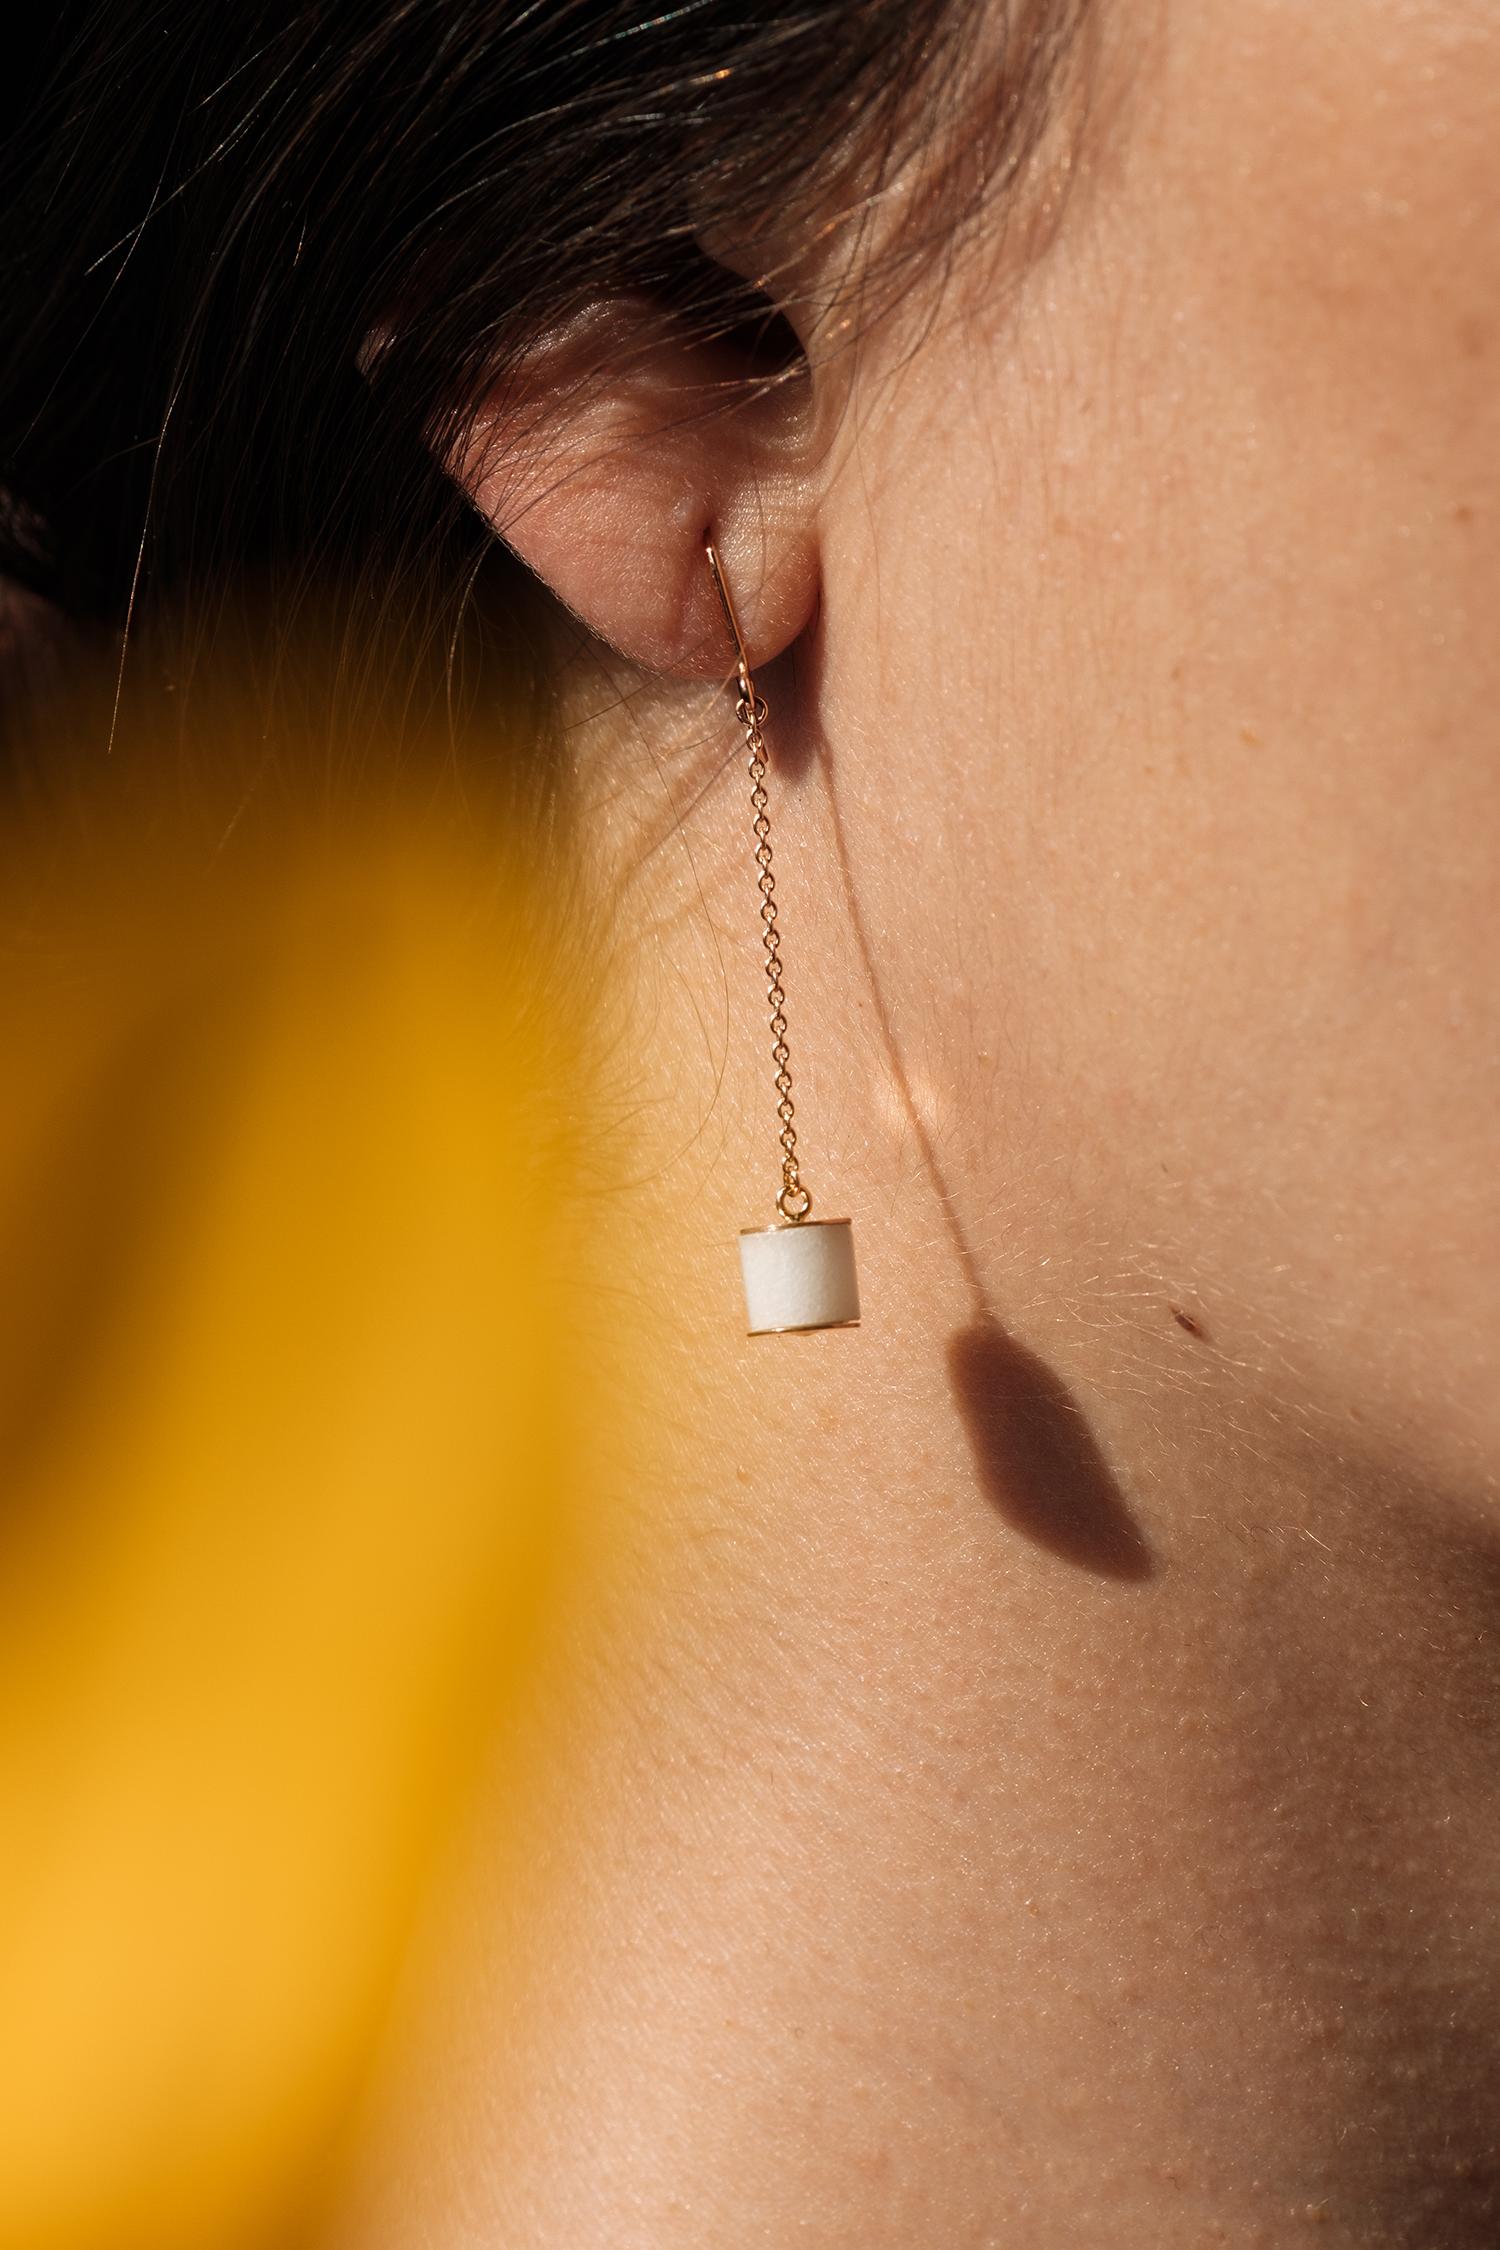 Boucles d'oreilles Céleste marbre de carrare pierre naturelle or rose 18 carats recyclé mineral joaillerie éthique femme